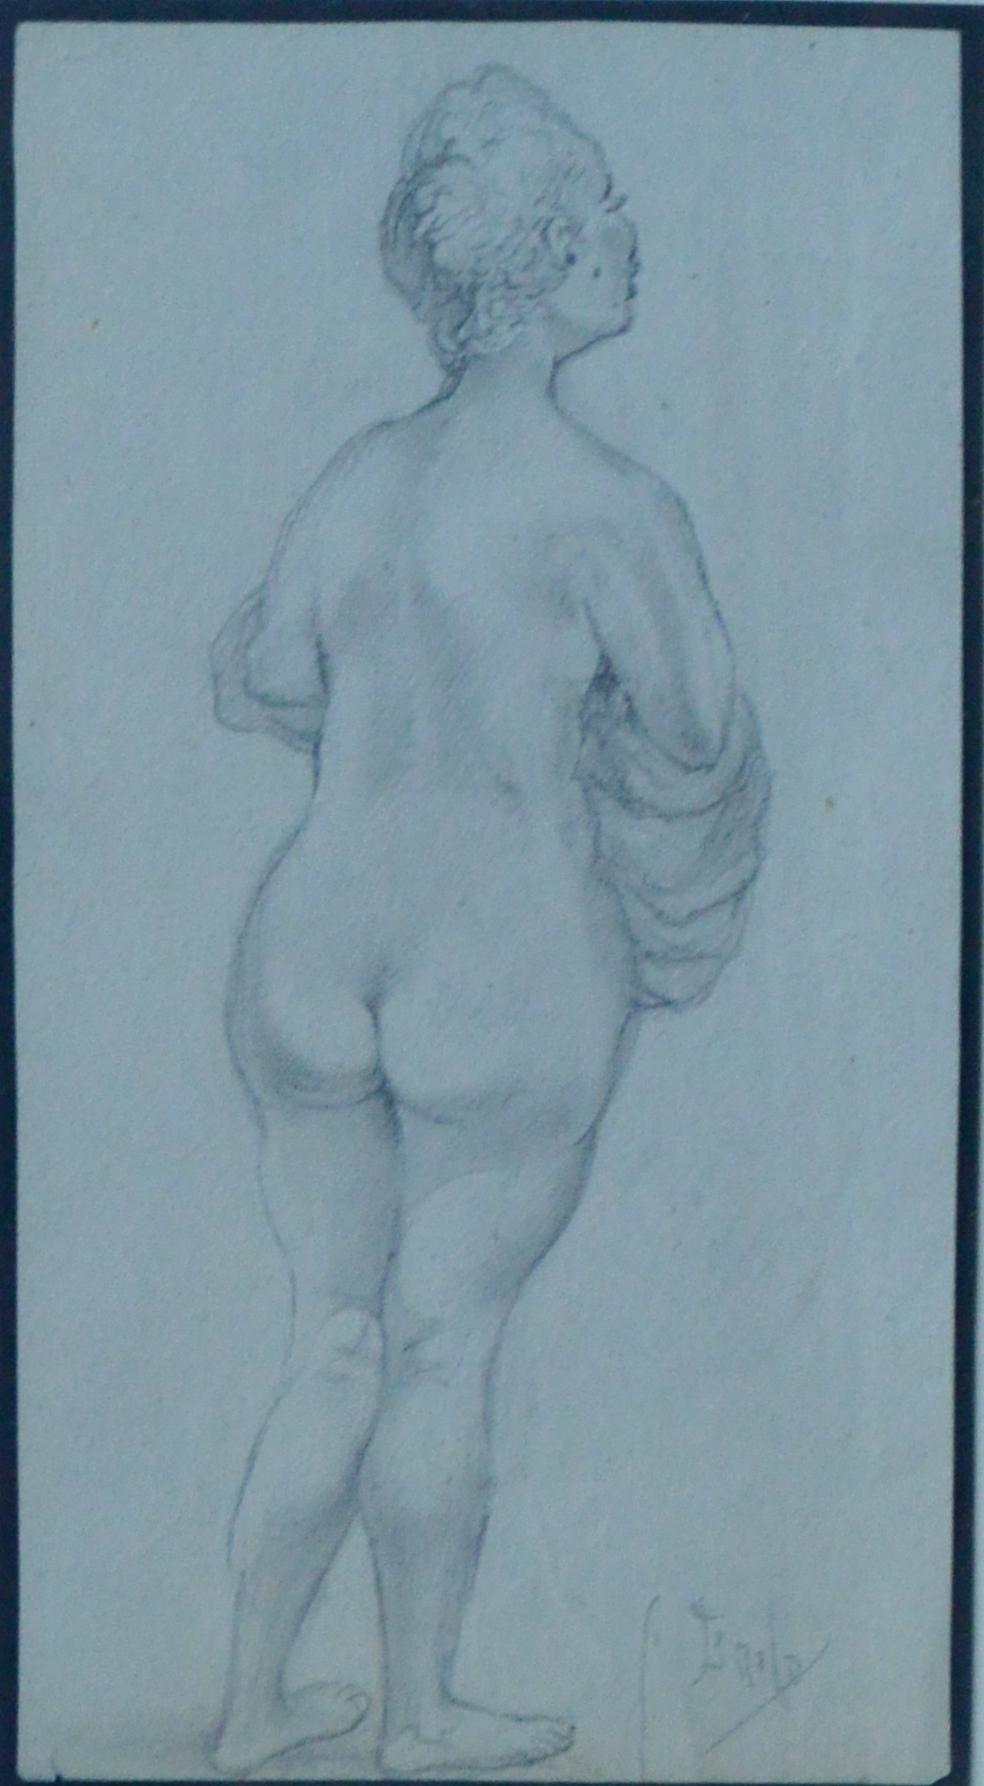 Juan Barba Mujer Desnuda De Espaldas Dibujo Lápiz Papel El